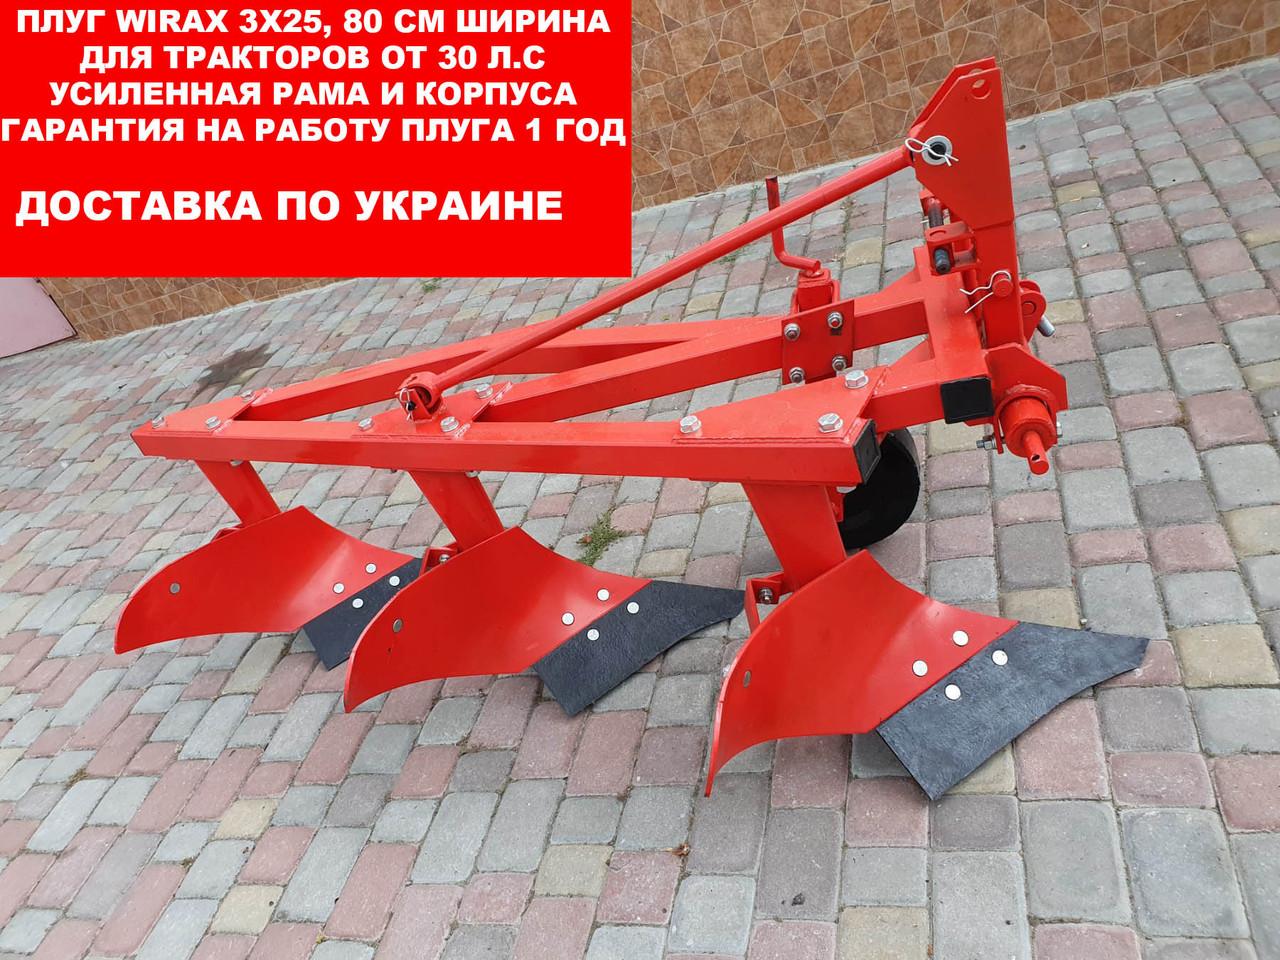 Плуг польский для тракторов от 30 л.с, Wirax 3x25, Виракс 3*25, ширина 75 см, усиленная рама и корпуса, польша